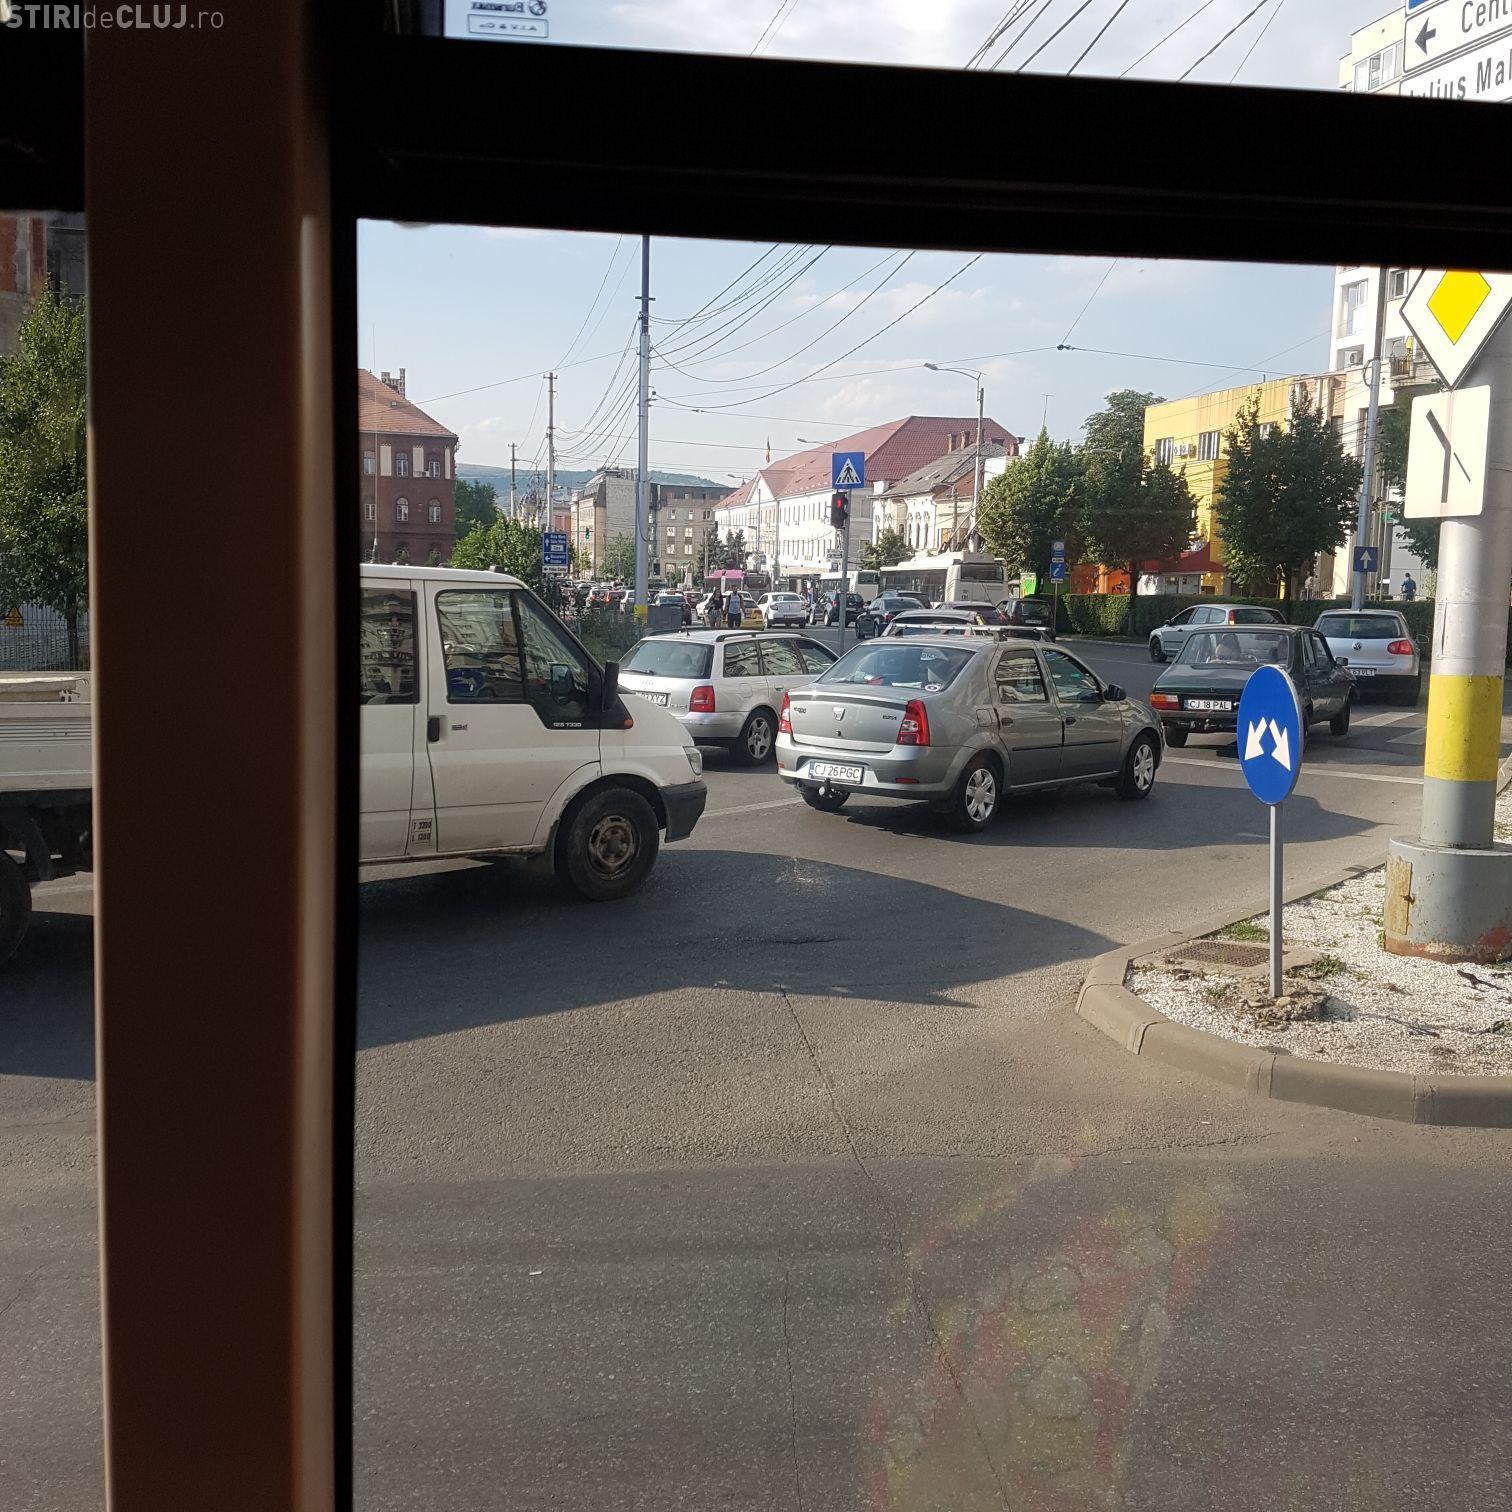 Trafic de coșmar în centrul Clujului: Am facut 30 de minute din Piața Mihai Viteazu până în Cipariu FOTO